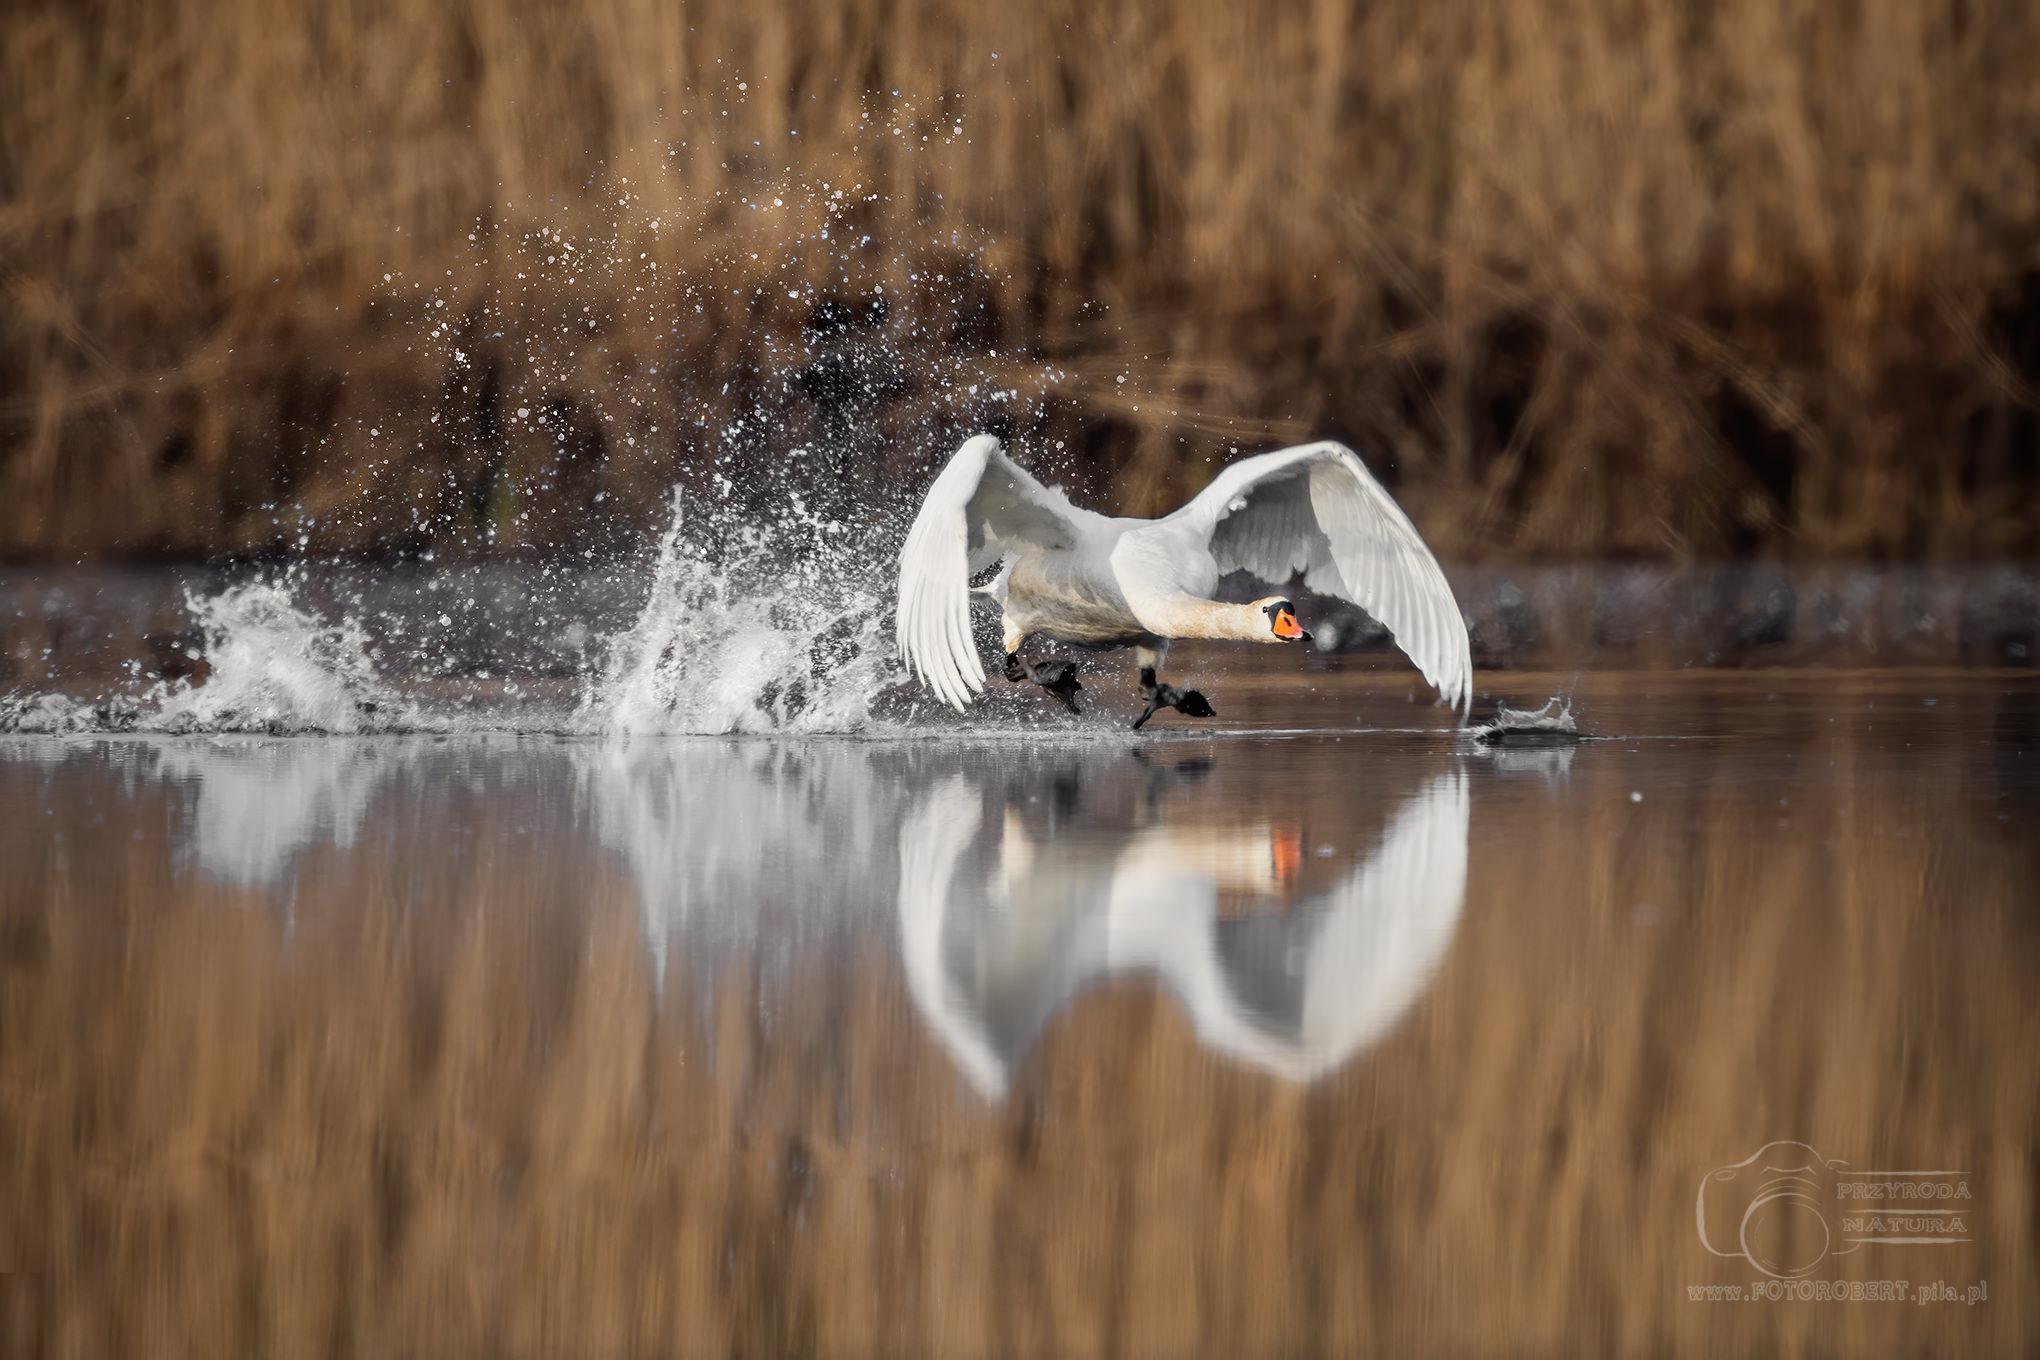 łabędź Ptak drapieżny fotografia przyrodnicza Piła